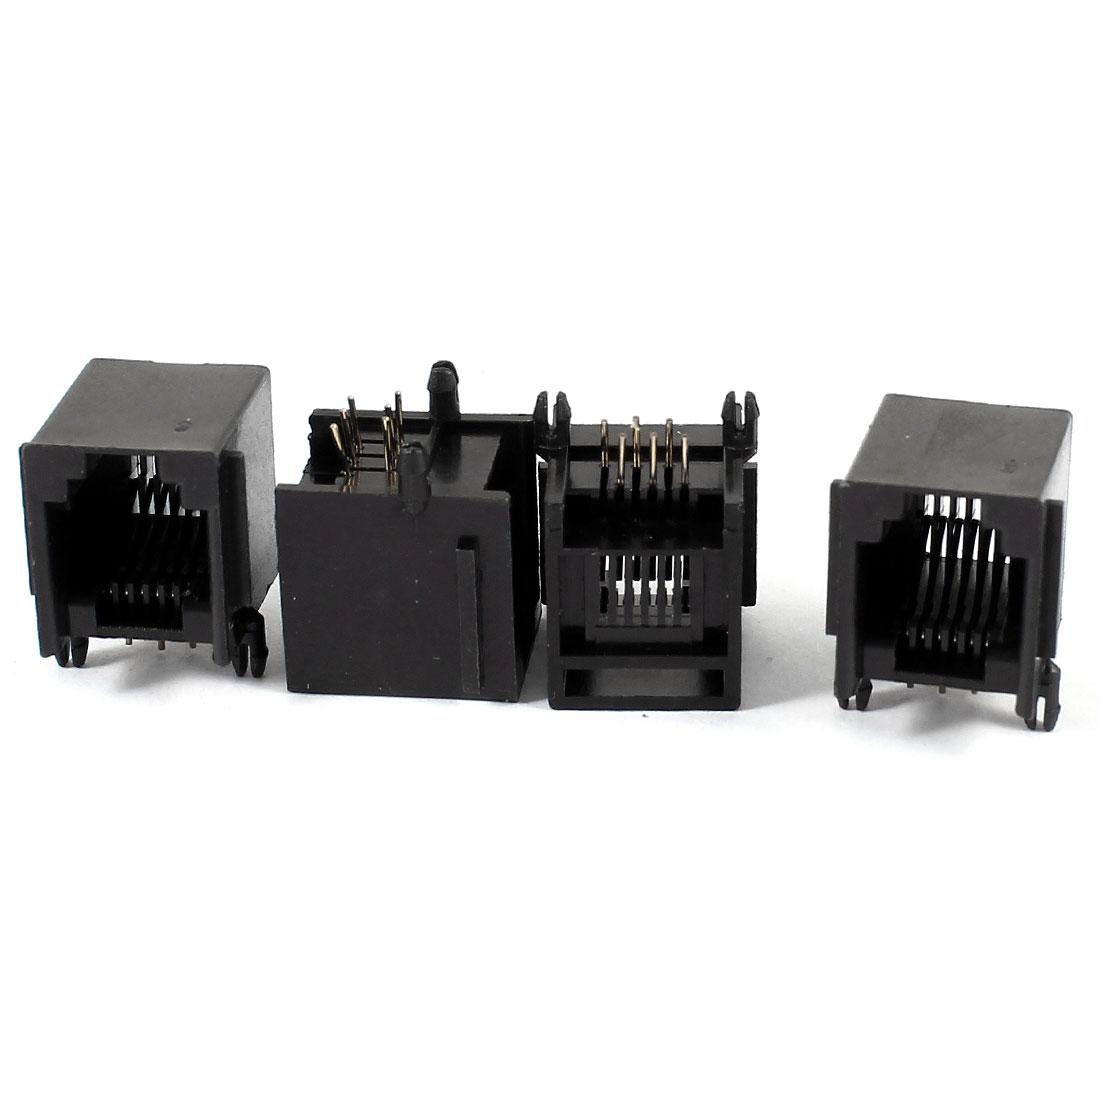 4 Pcs Right Angle PCB Mount 6P6C RJ11 Socket Modular Jack Telephone Connector